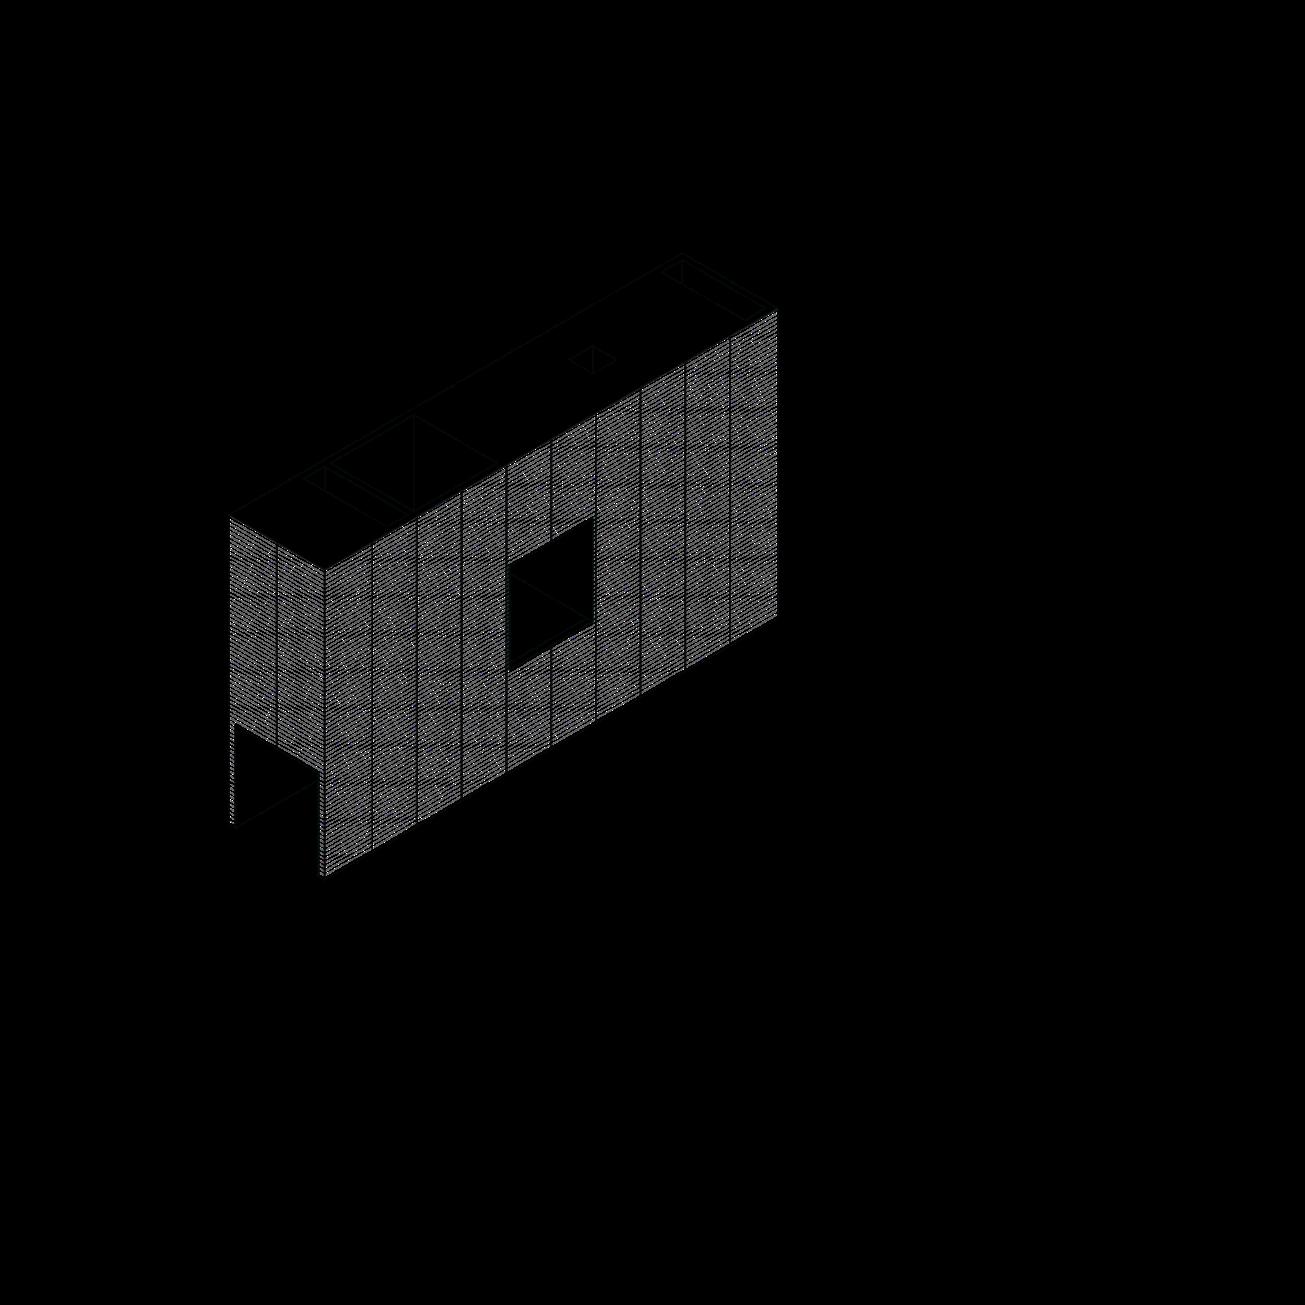 QUINCE_isometria-02_1340_c